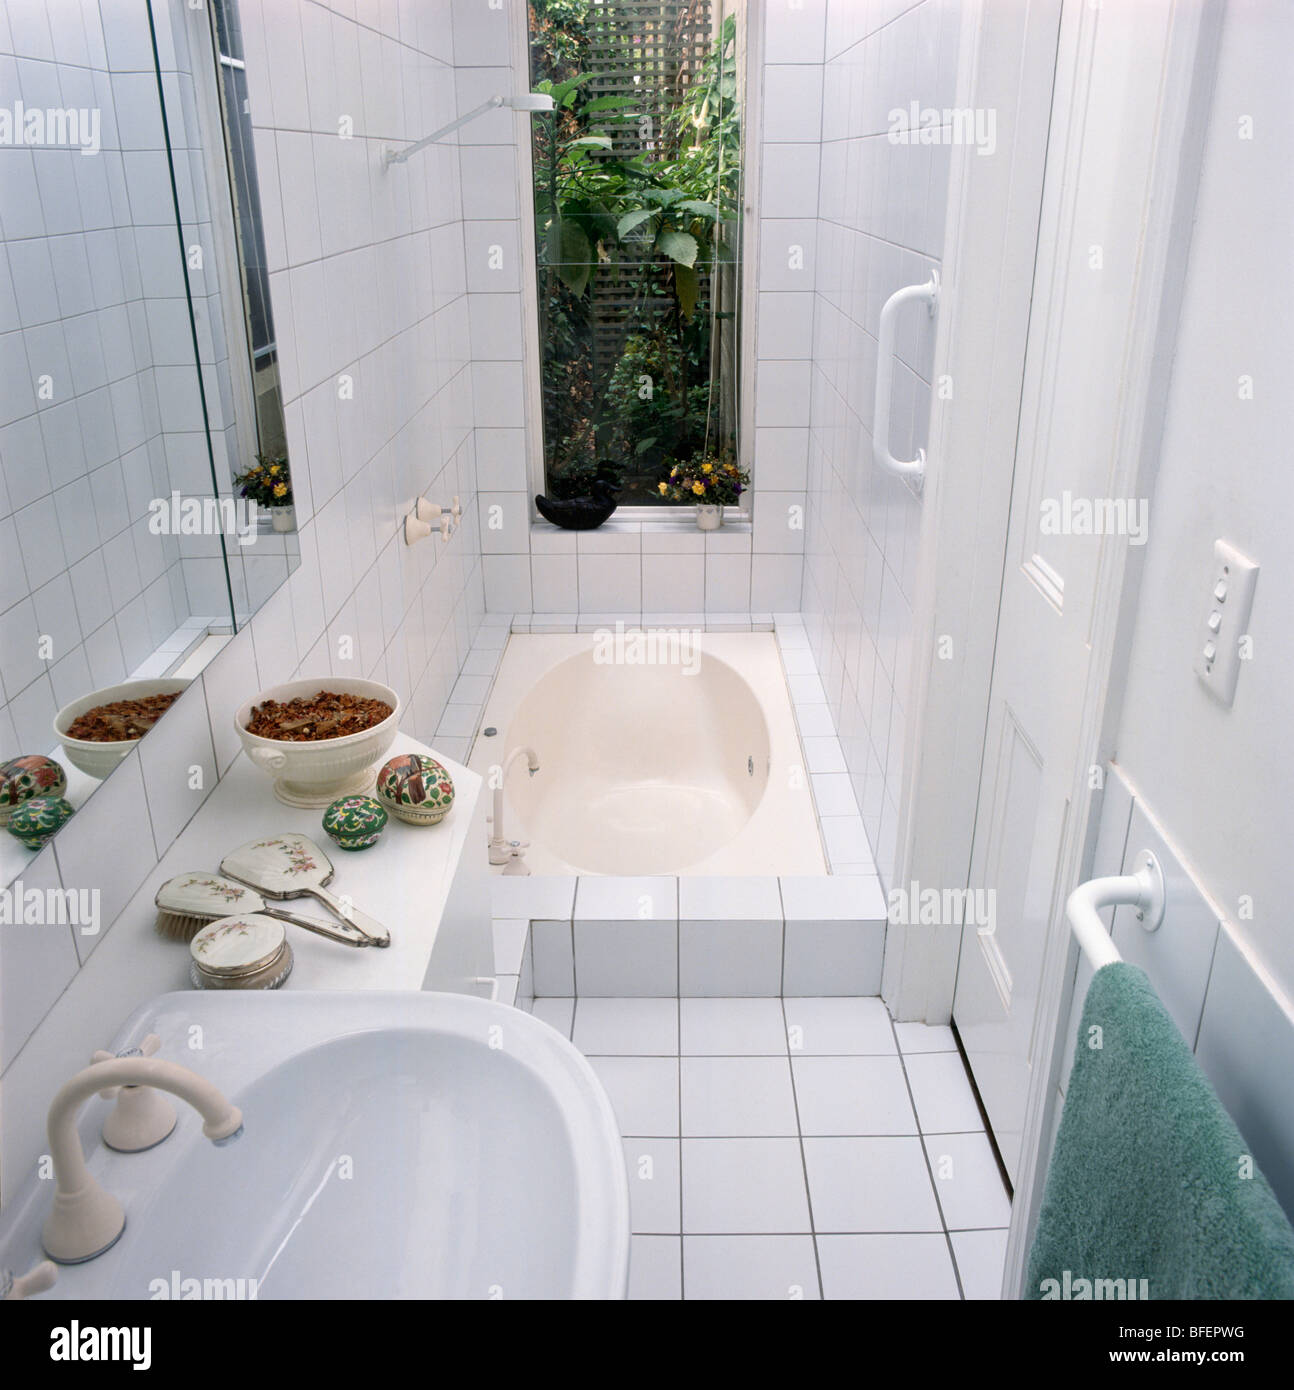 Maioliche bagno moderno perfect bagno leef in bagno - Piastrelle sopra piastrelle ...